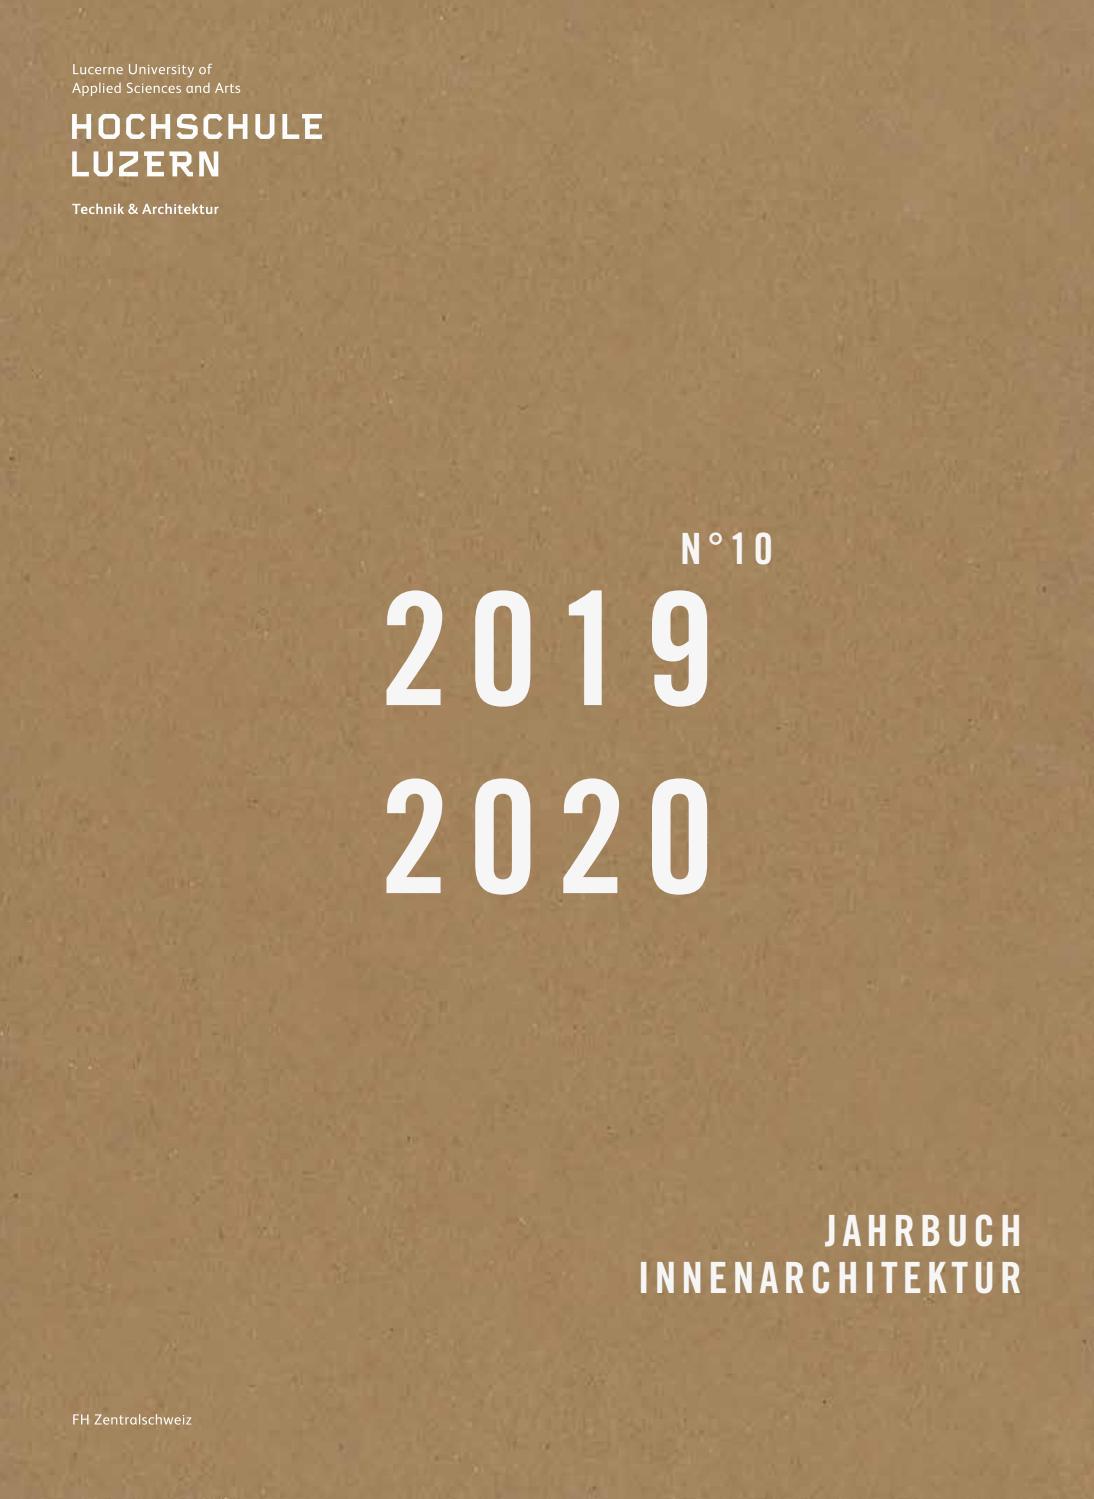 Jahrbuch 21 21 Institut für Innenarchitektur Hochschule Luzern ...